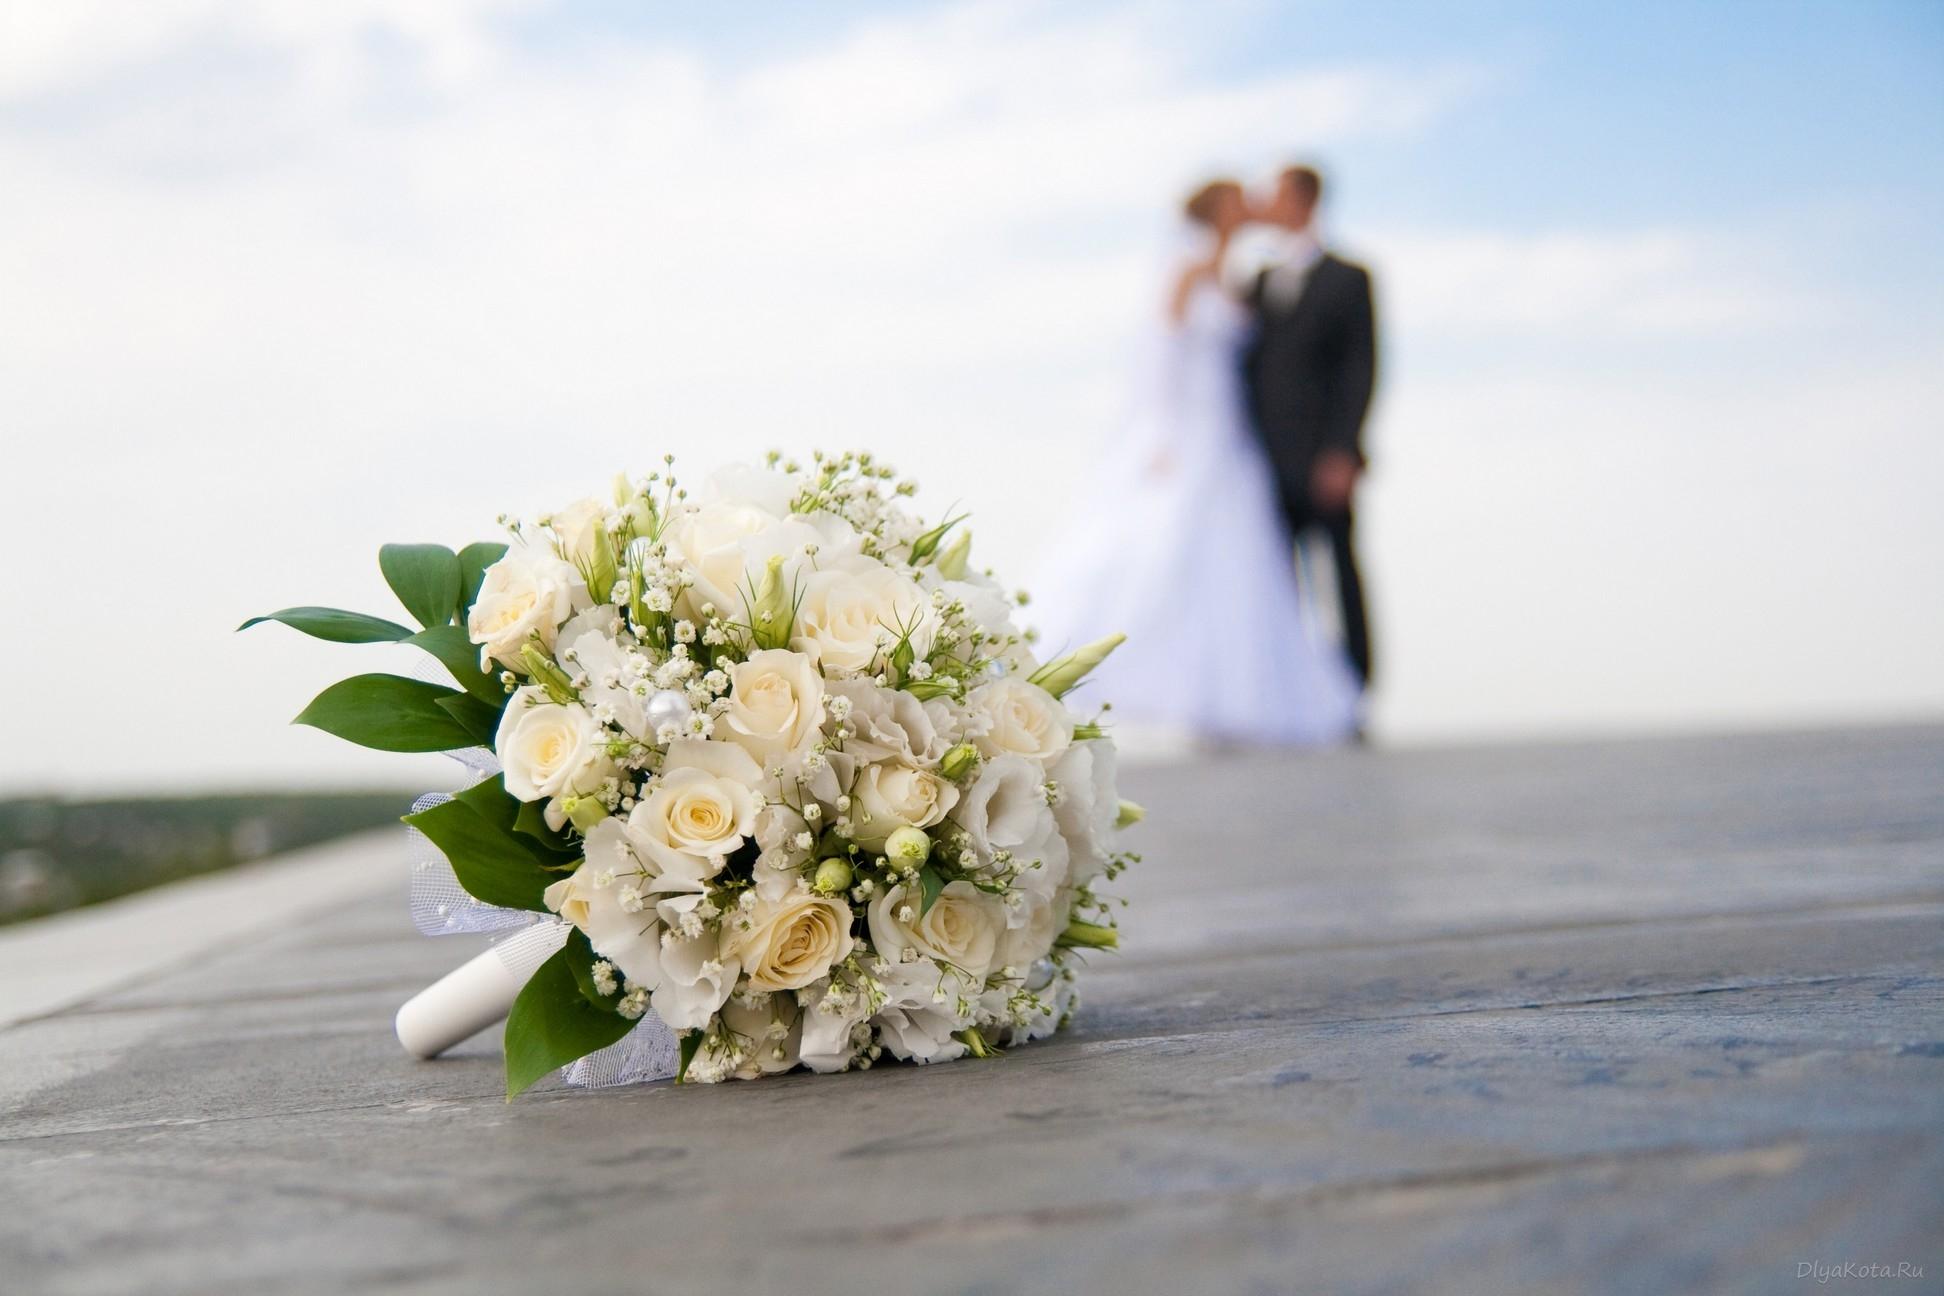 Жители Днепра смогут быстро пожениться за час